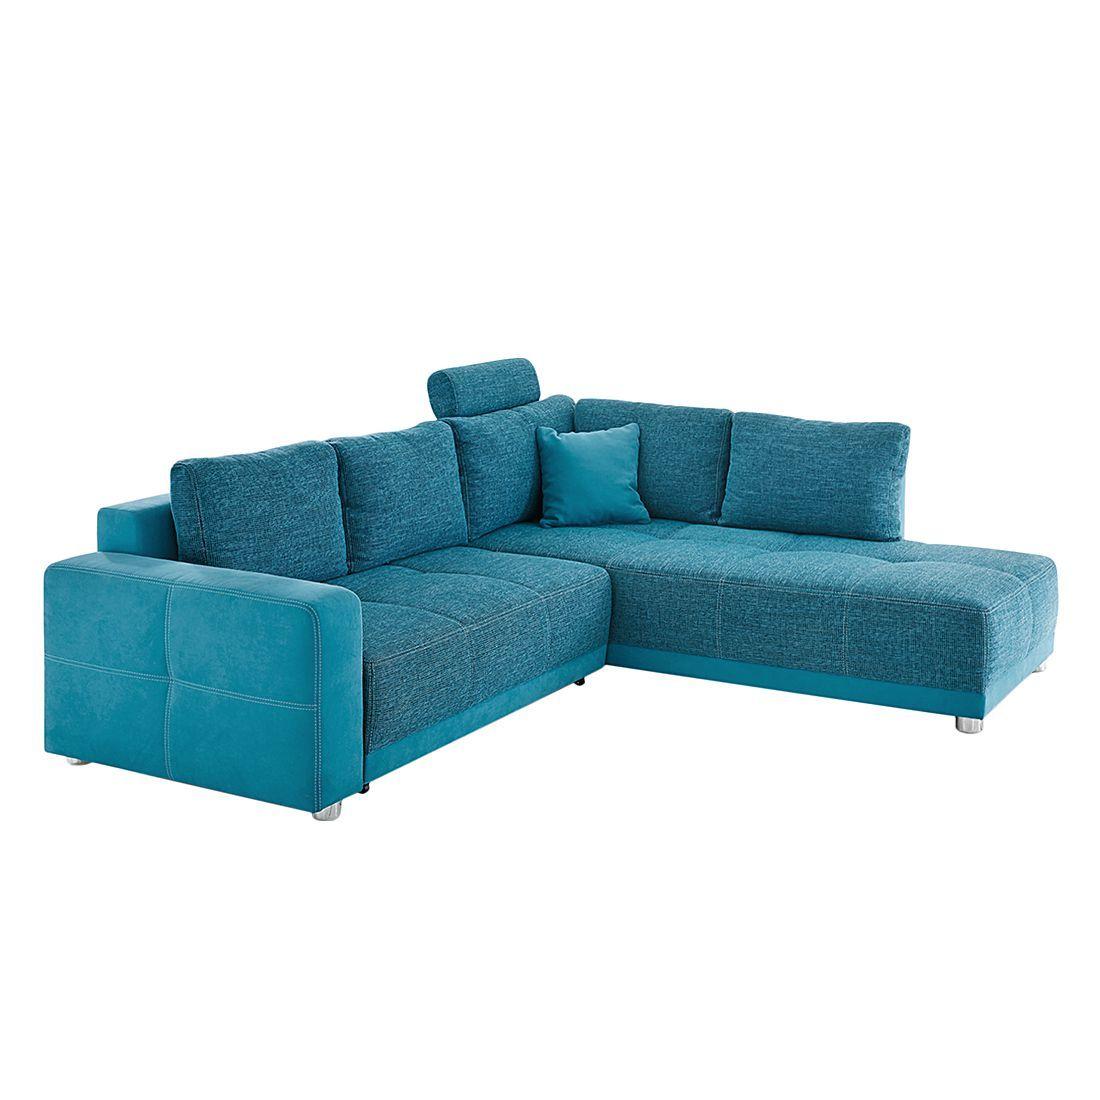 moderne sofas online kaufen   schlafsofa ecksofa federkern ...